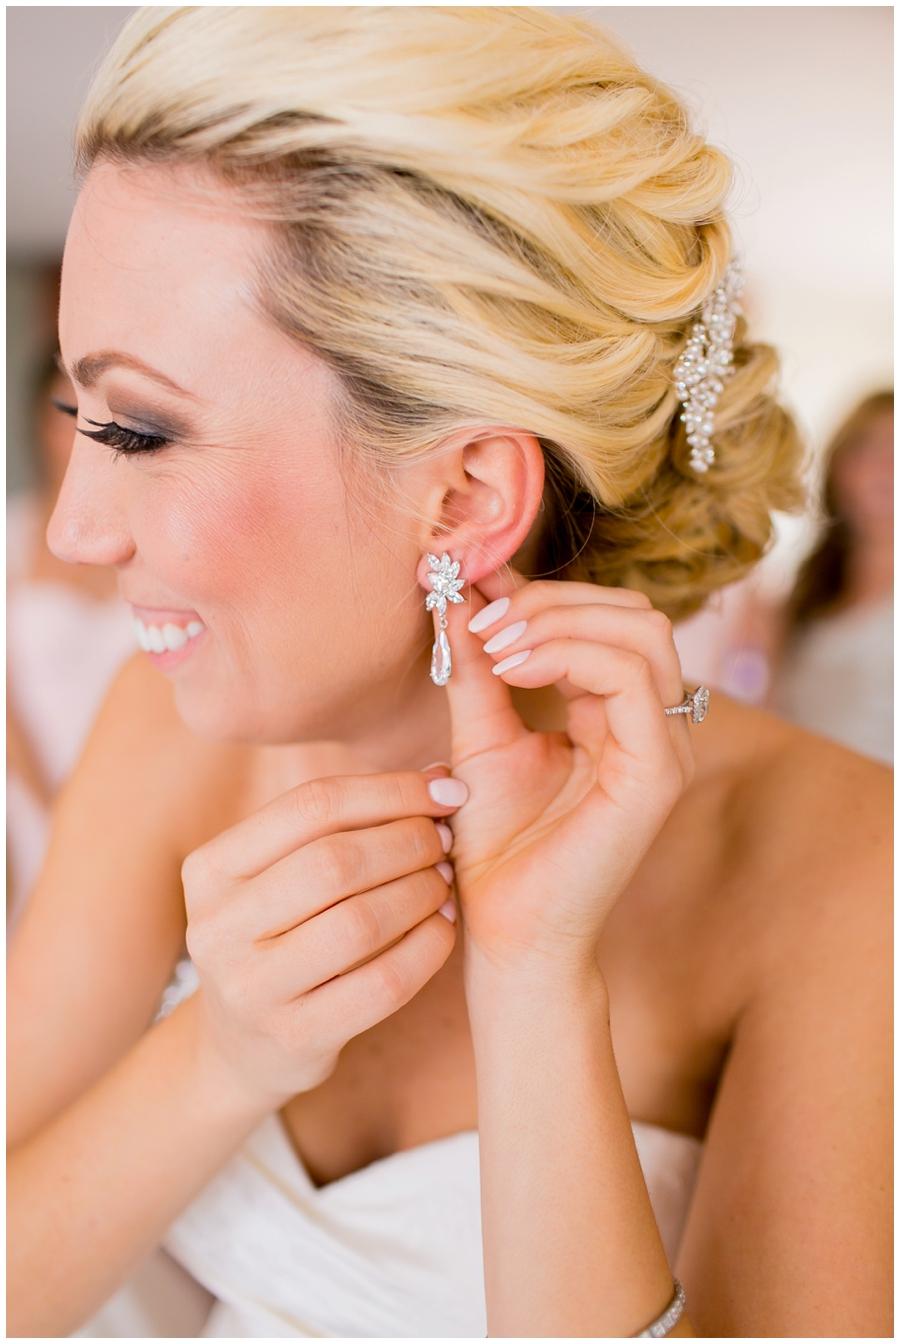 Ariane Moshayedi Photography - Wedding Photographer Orange County Newport Beach_0218.jpg